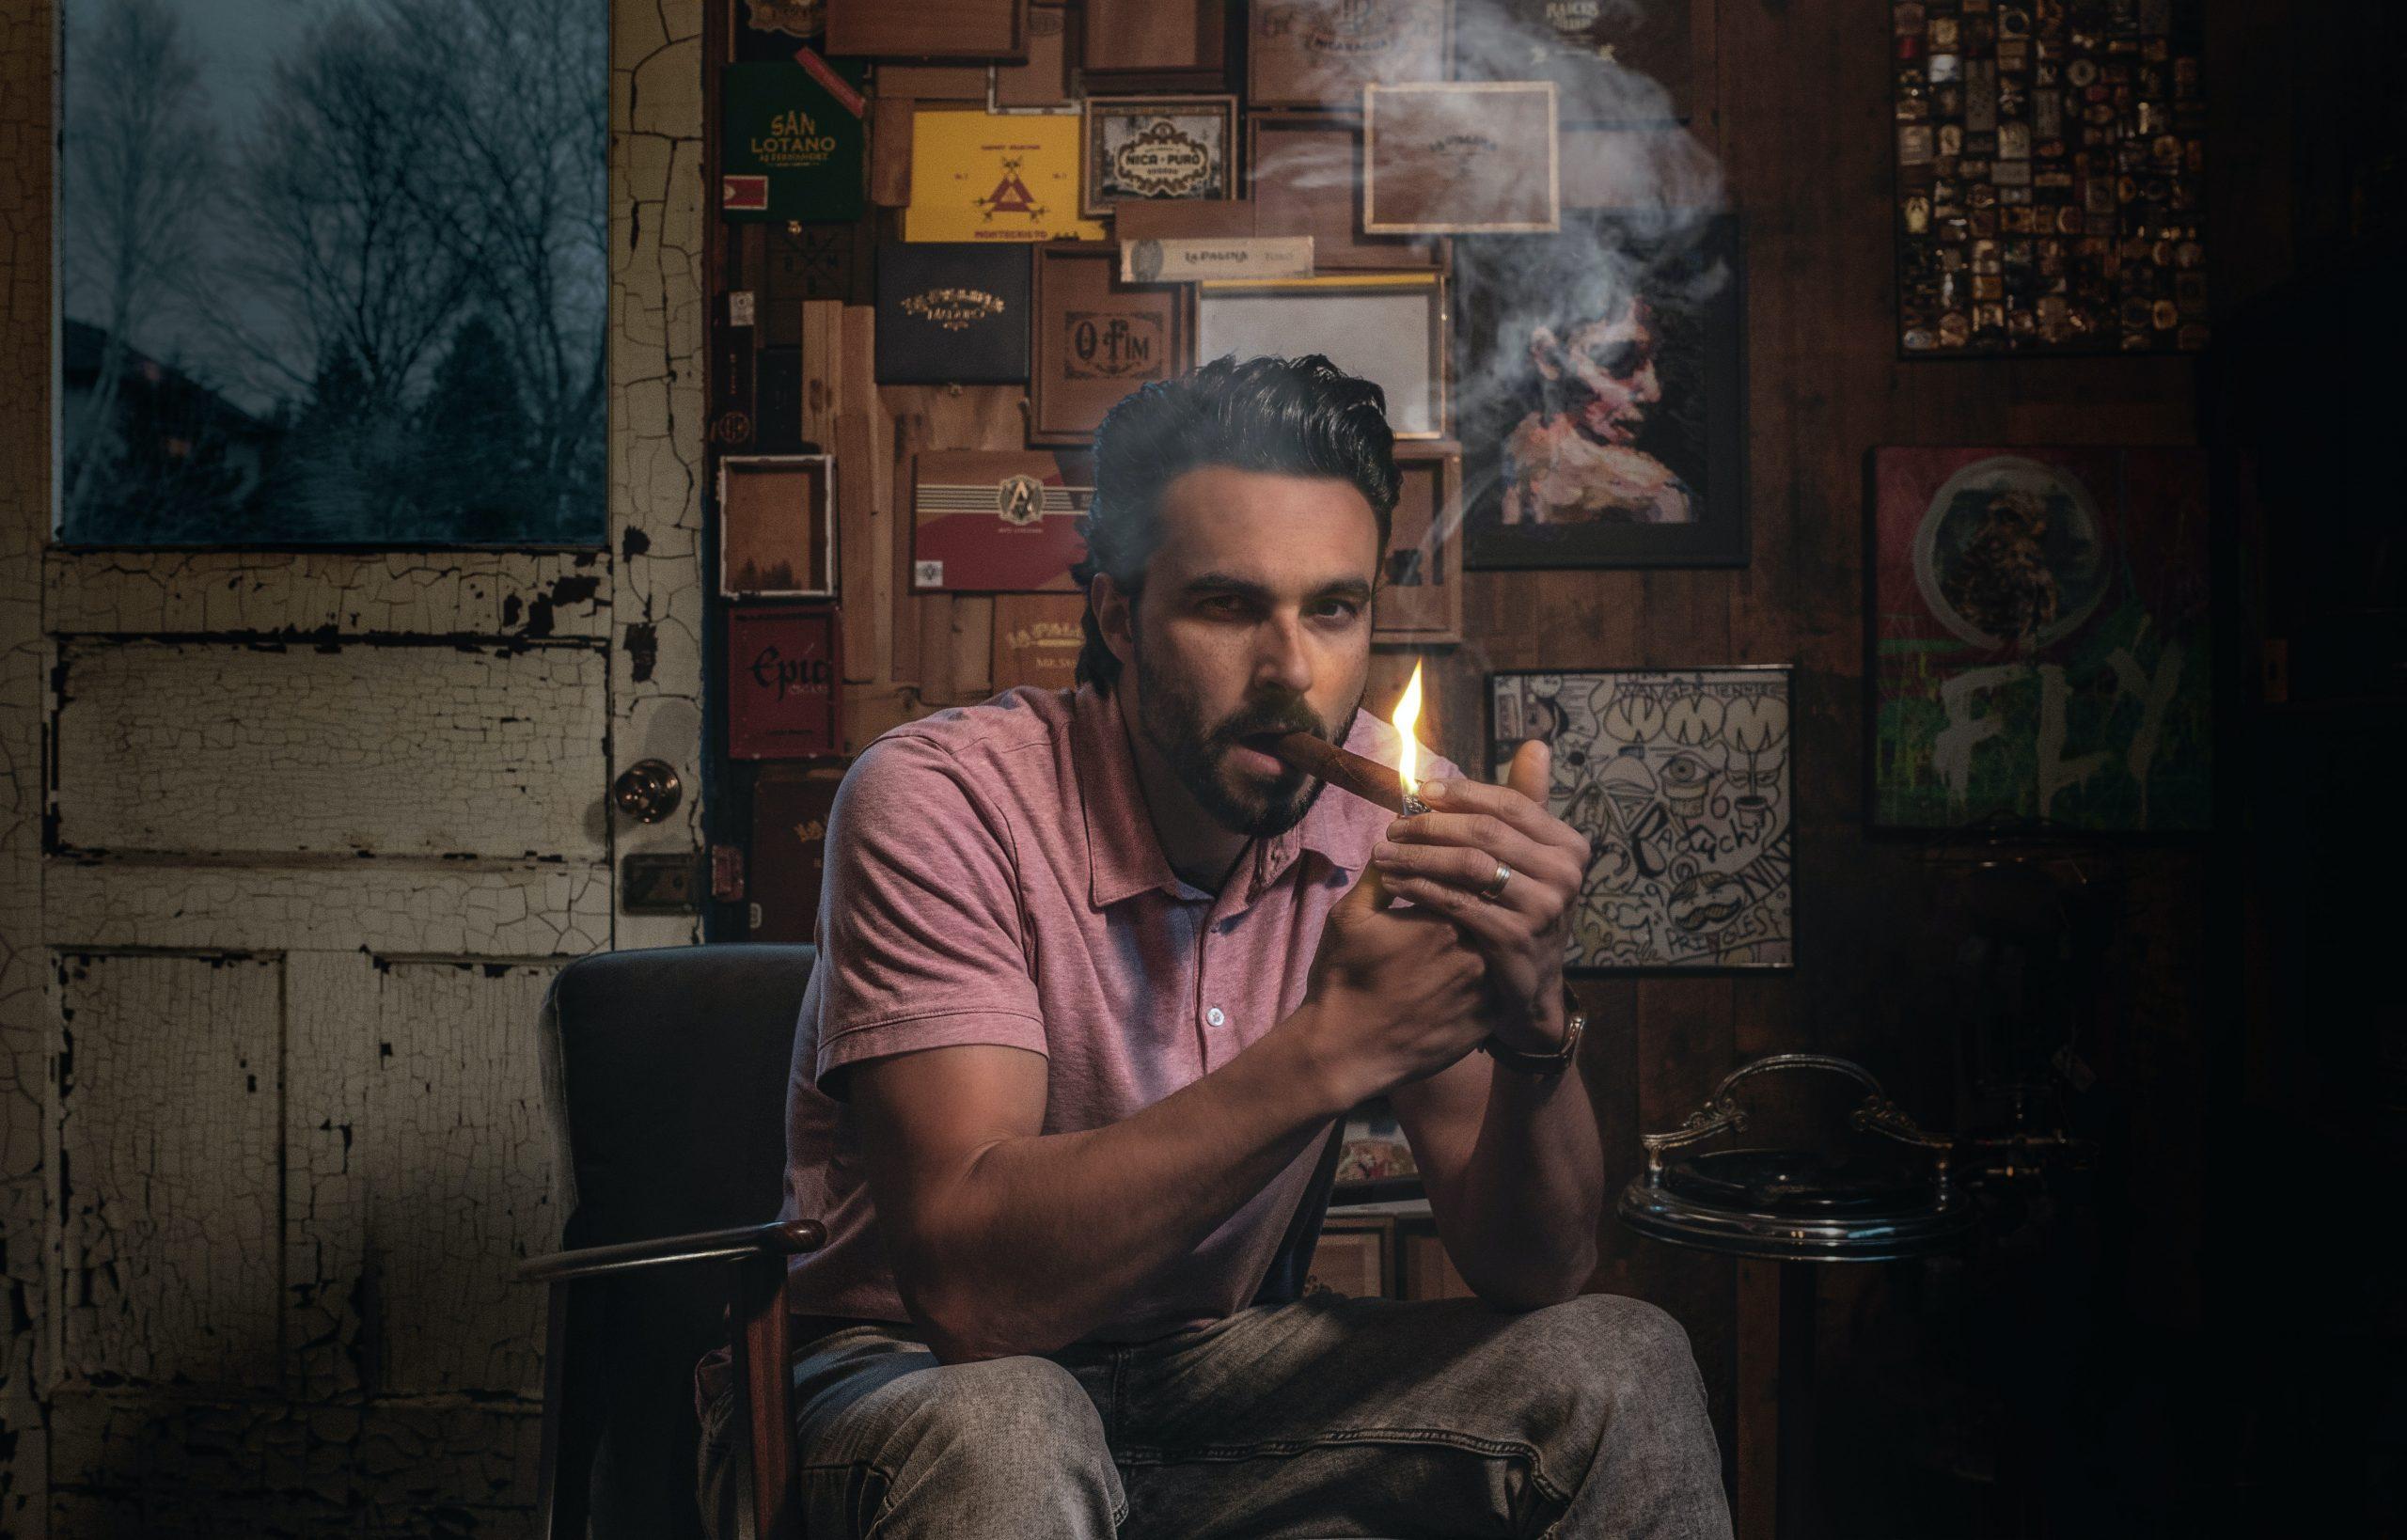 Smoking Bevs & Burns